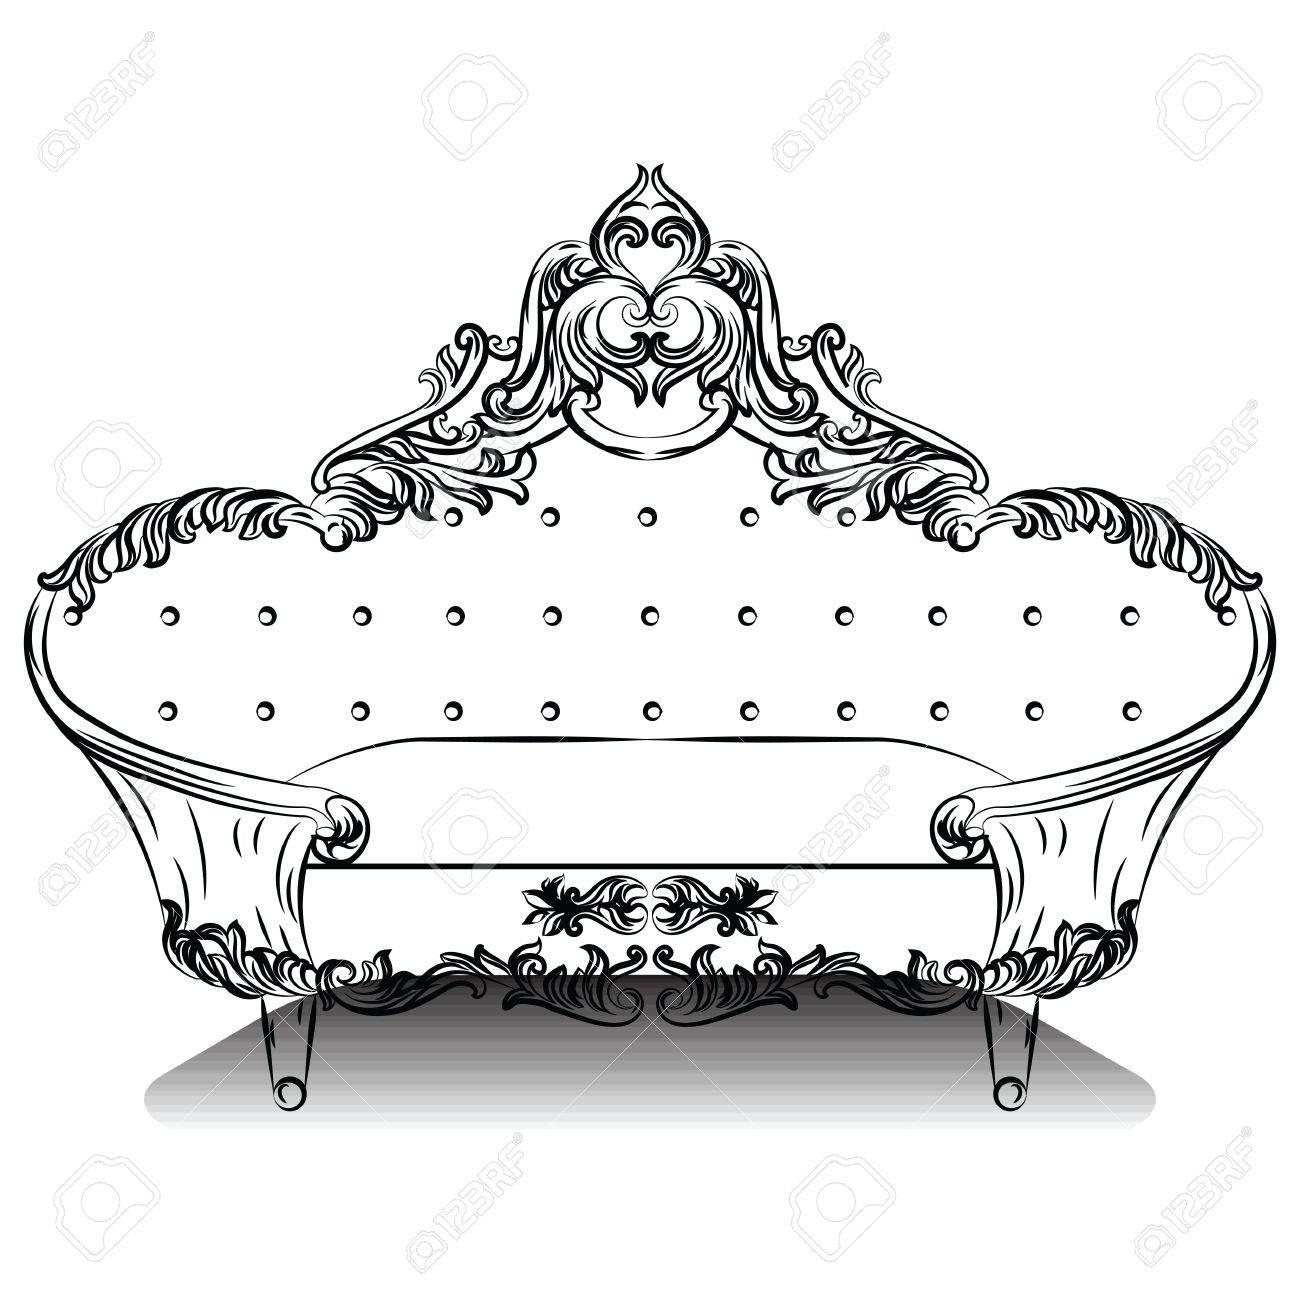 Full Size of Sofa Barock Schwarz Silber Kaufen Blau Sofas Baroque Style Gold Braun Gebraucht Set Stil Luxury Mit Luxurisen Verzierungen Elegante Ebay Freistil Rotes Polster Sofa Sofa Barock